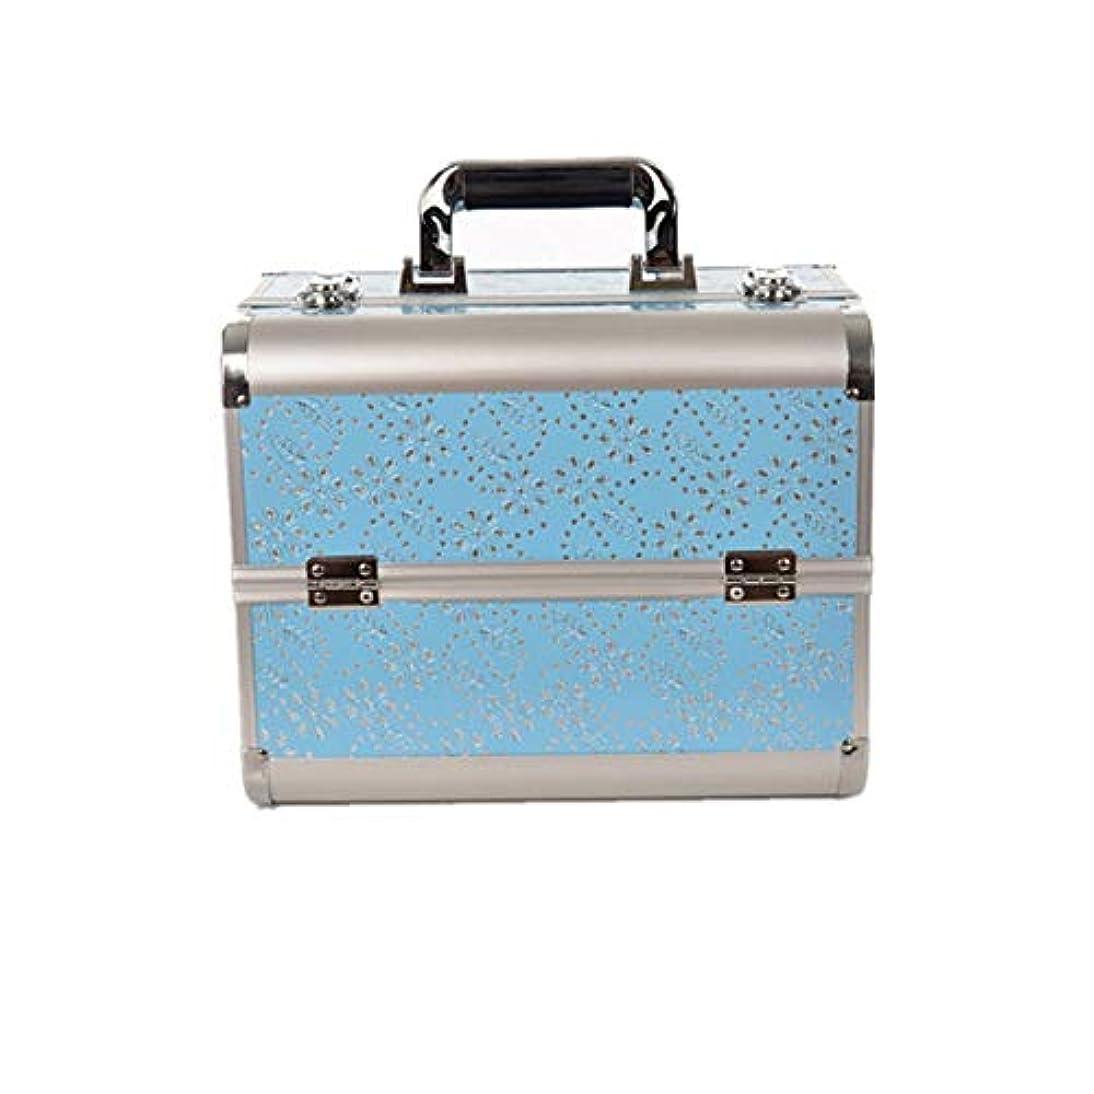 同意する難しいアクティブ化粧オーガナイザーバッグ 大容量ポータブル化粧ケース(トラベルアクセサリー用)シャンプーボディウォッシュパーソナルアイテム収納式 化粧品ケース